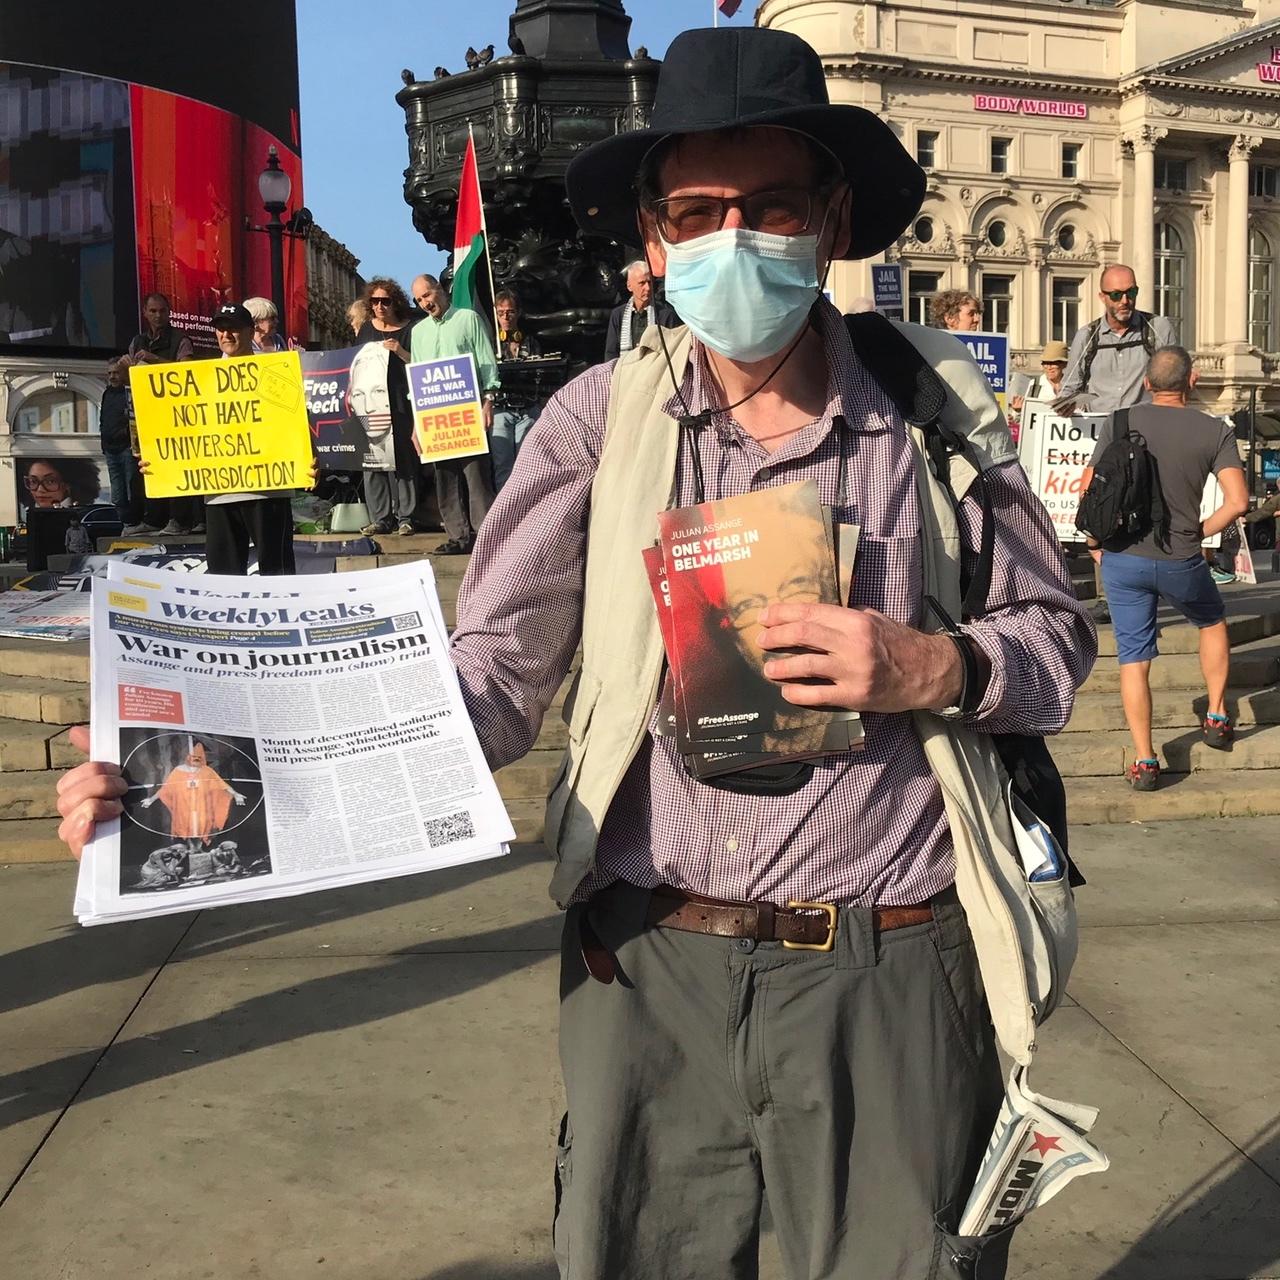 weeklyleaks-saturday-vigil-piccadily-circus-london-sept20.jpg